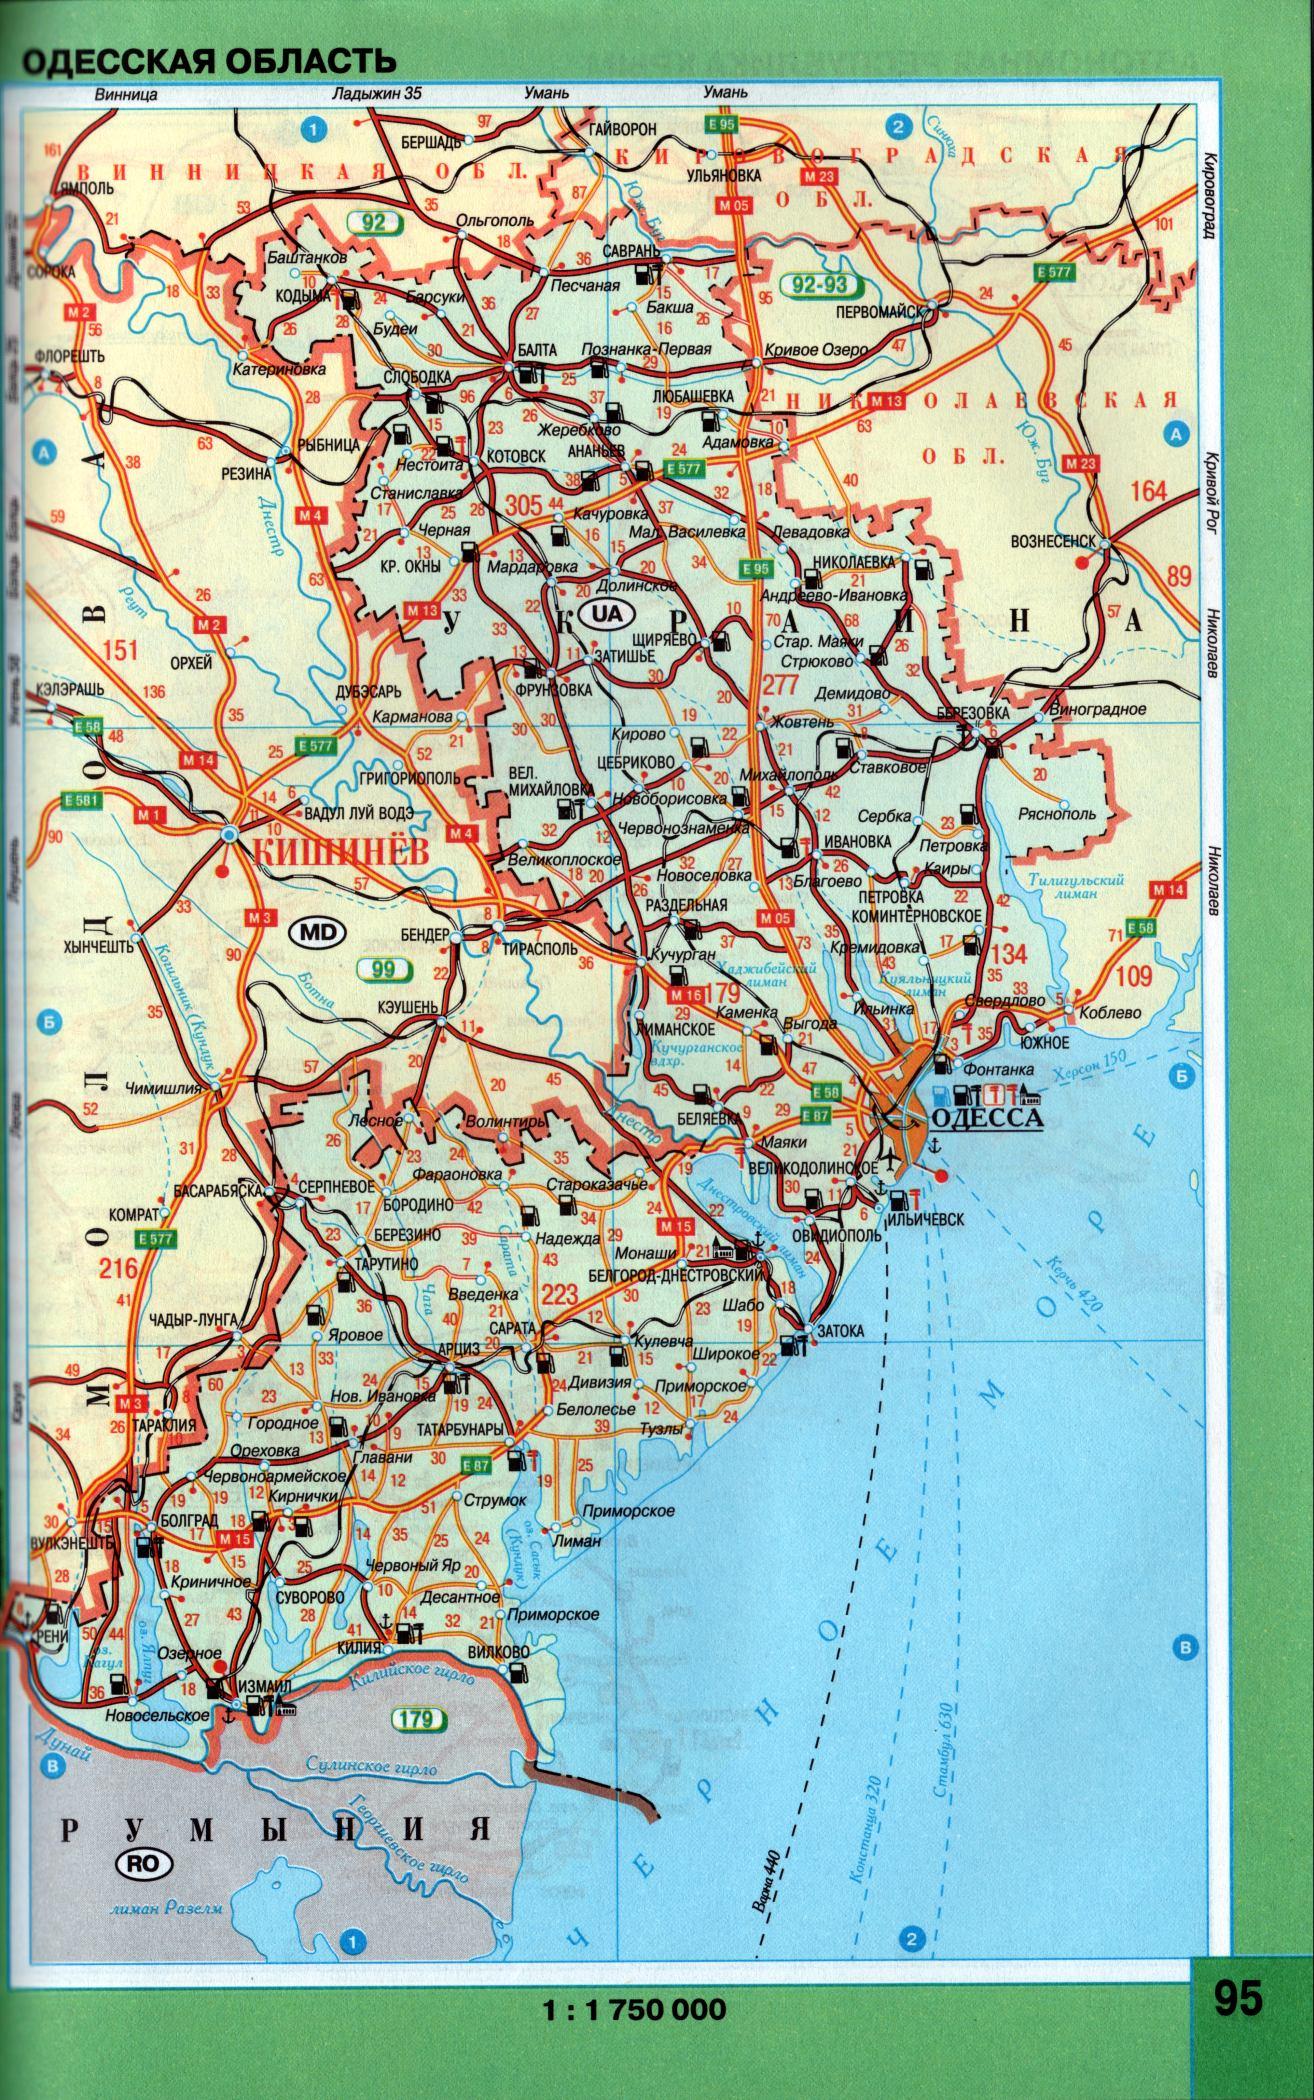 основных карта одесской области подробная с городами и поселками того